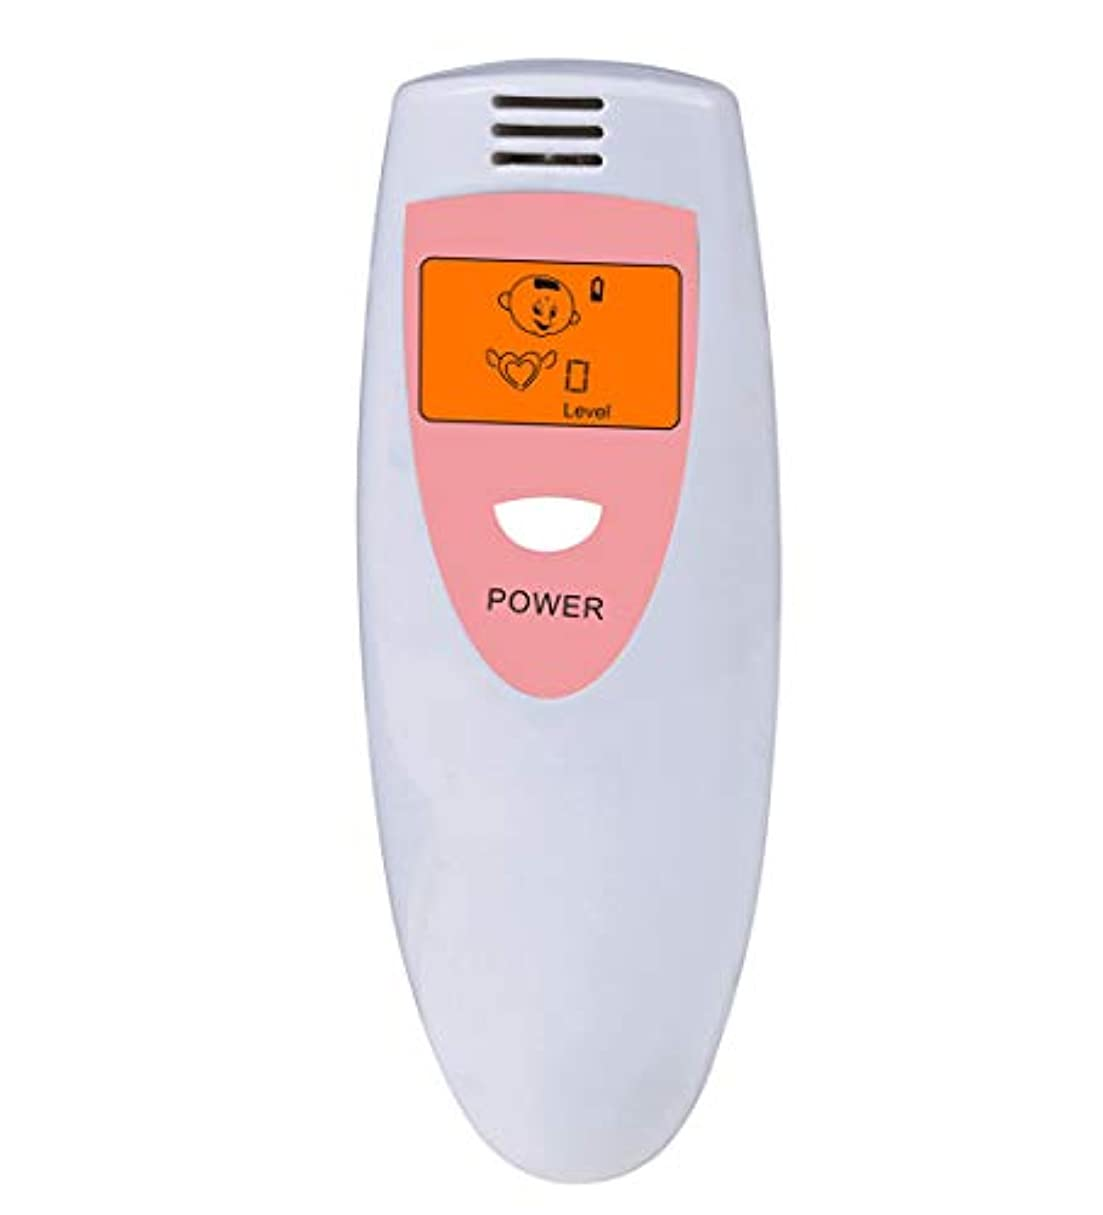 精度荷物誘う【瞬時測定】 携帯ブレスチェッカー デジタル口臭チェッカー 5段階レベル表示 コンパークト口臭予防検査器 大人子供エチケット (Pink)